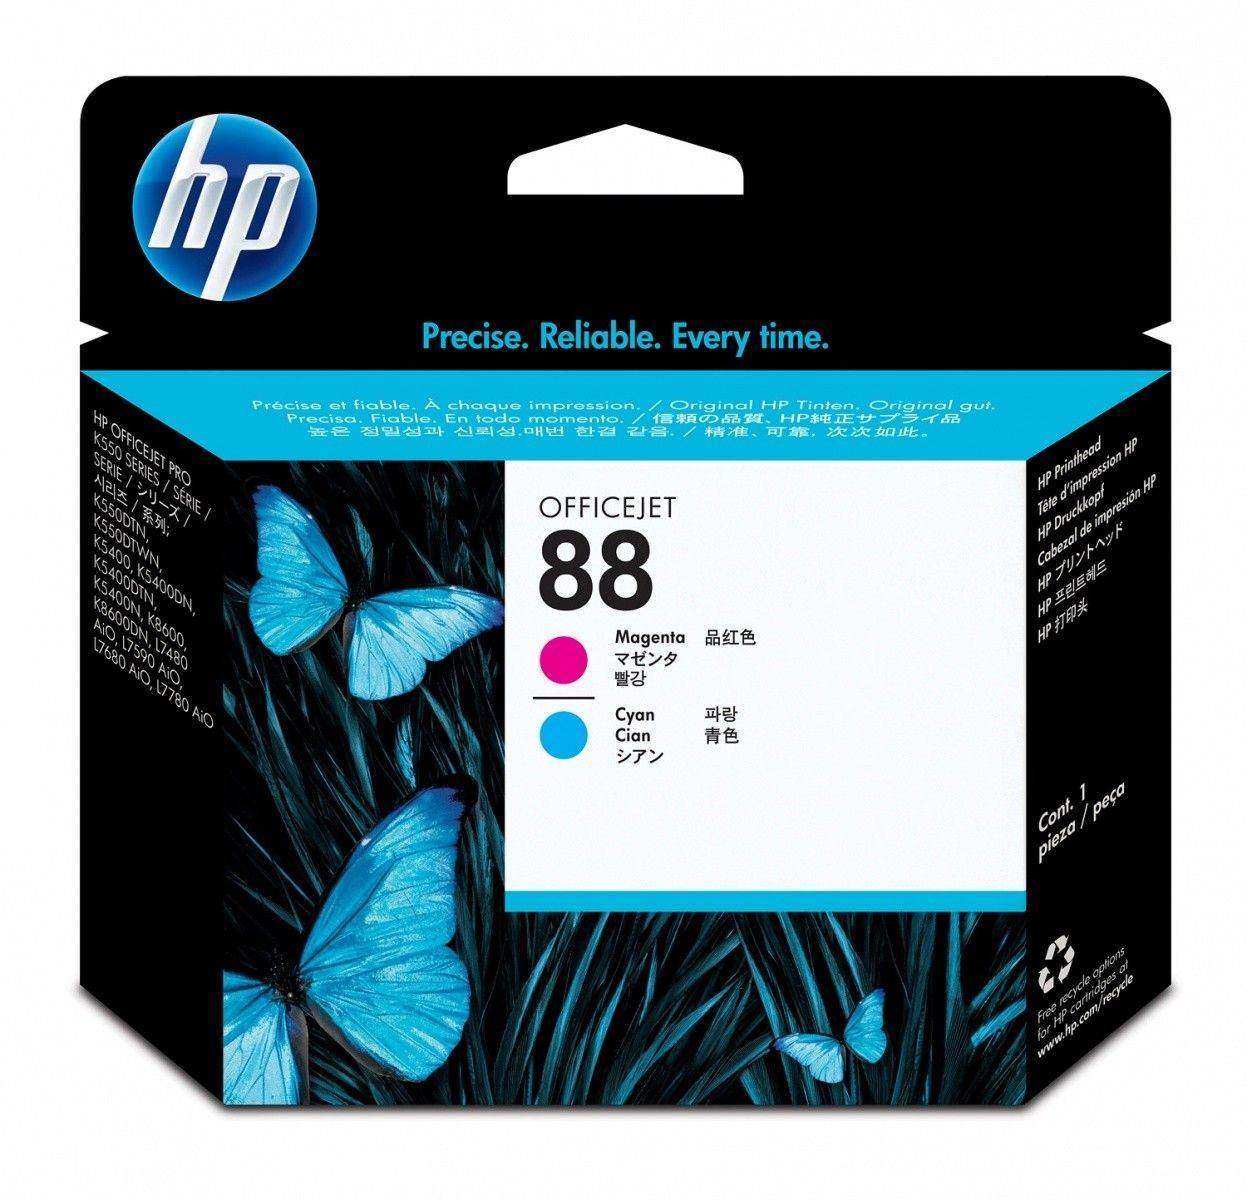 HP Głowica HP 88 magenta + cyan | designjet30/30gp/30n/130/130gp/130nr